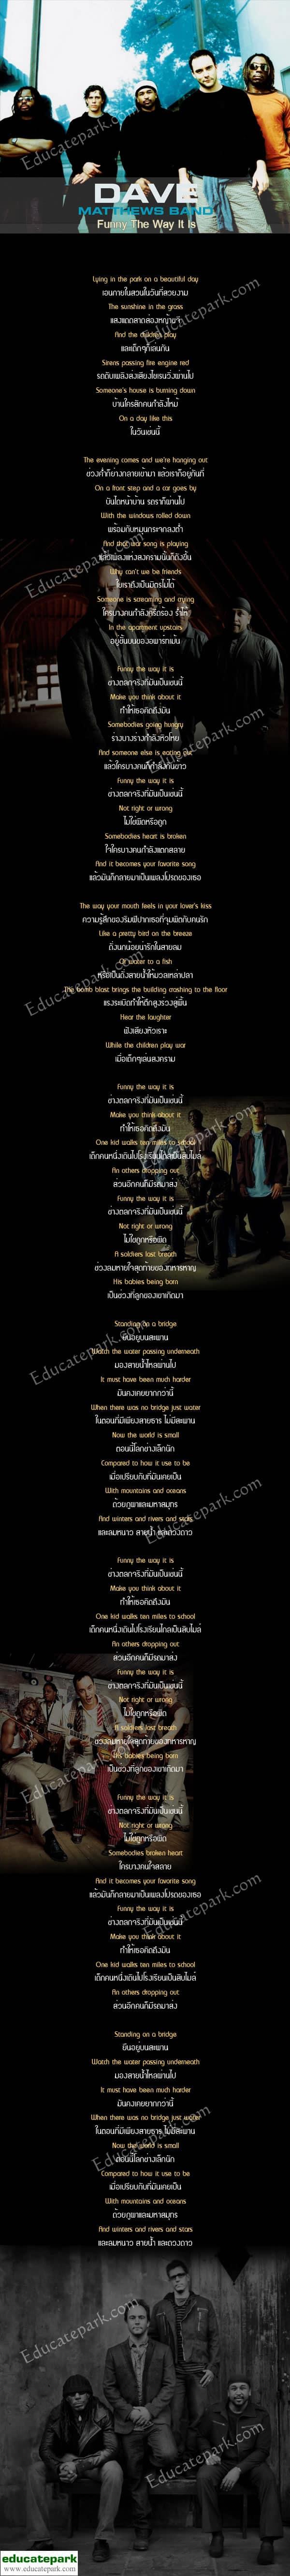 แปลเพลง Funny The Way It is - Dave Matthews Band